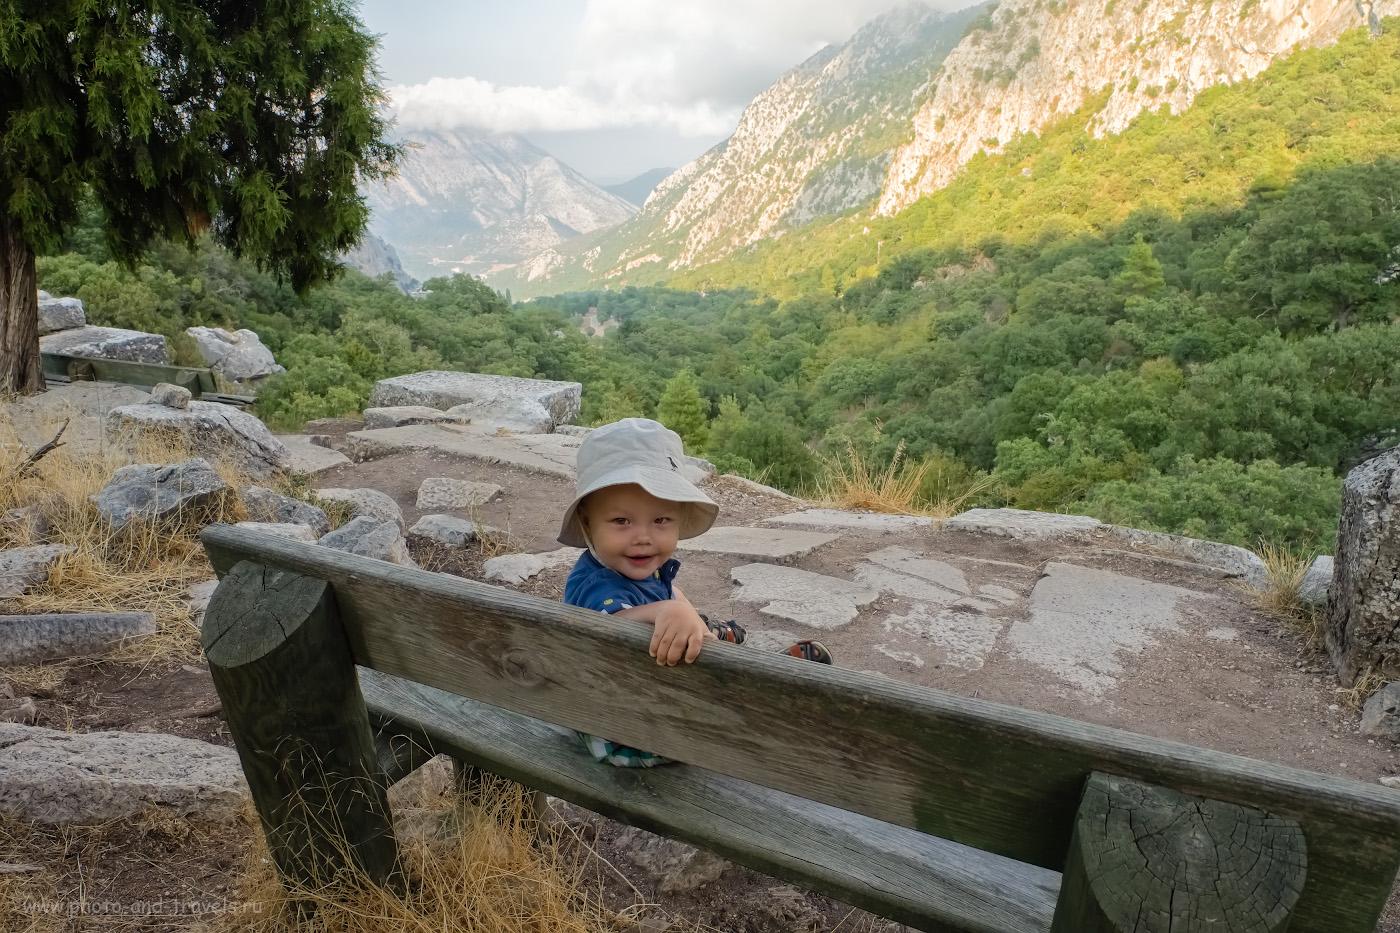 5. Отзывы об интересных экскурсиях с детьми во время отдыха в Чиралы, Кемере и Анталии. Вид на гору и долину, по которой мы ехали от касс к археологическому комплексу. 1/80, 8.0, 400, -1.33, 16.